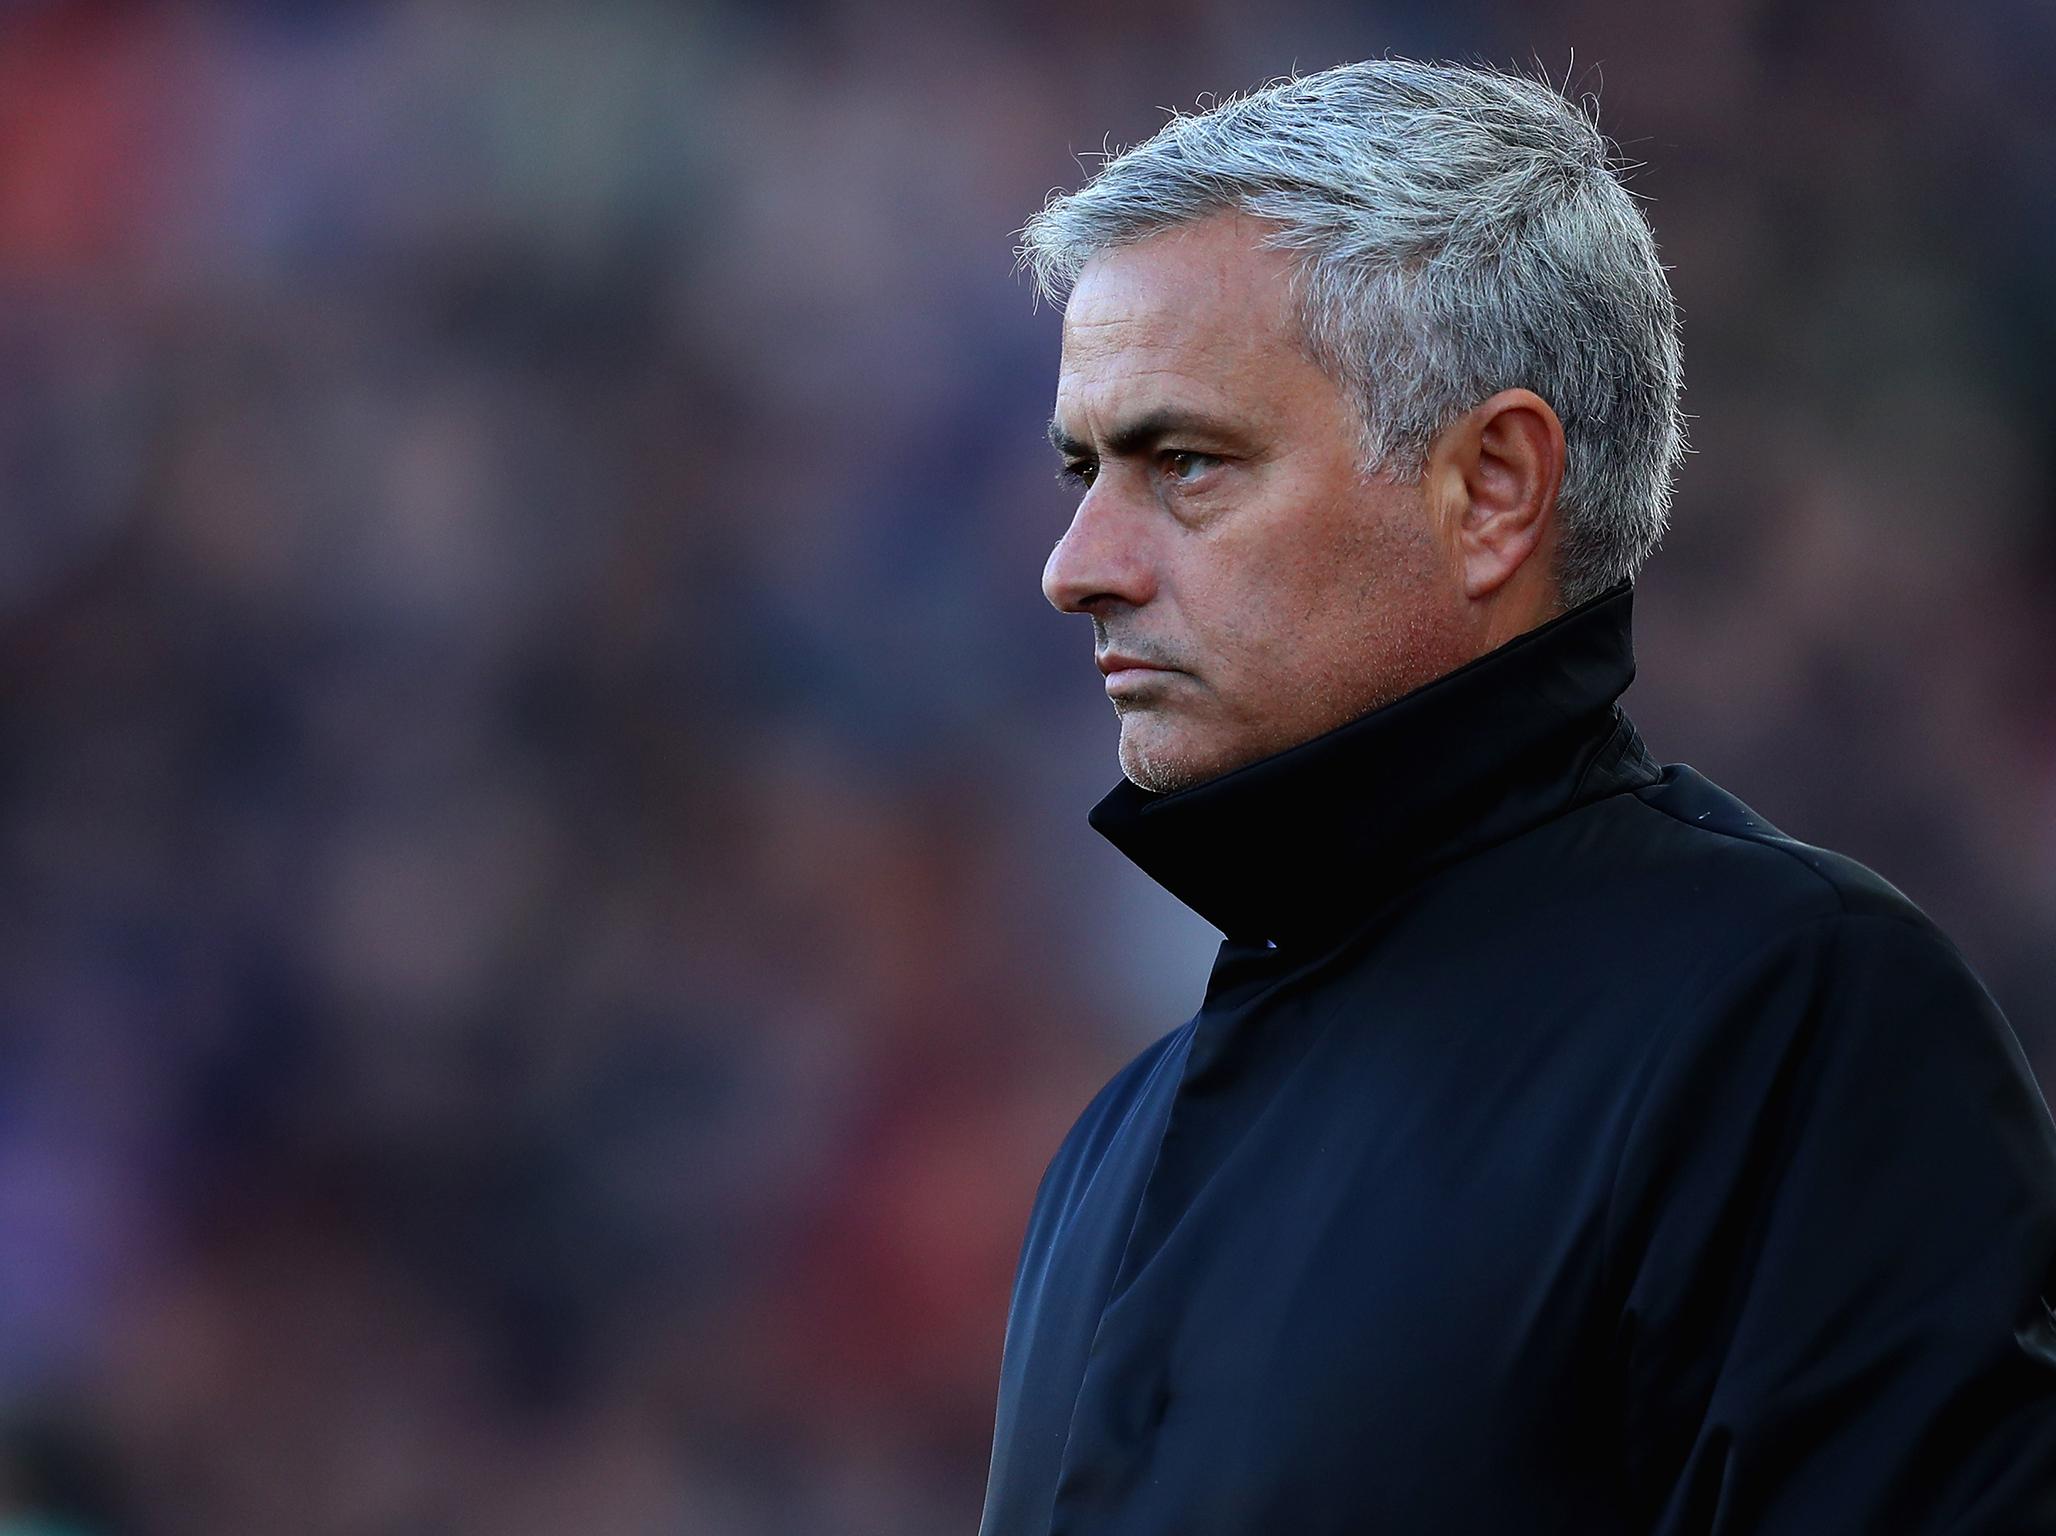 Rimonta Manchester United al 90esimo (3-2 al Newcastle). Mourinho c'è